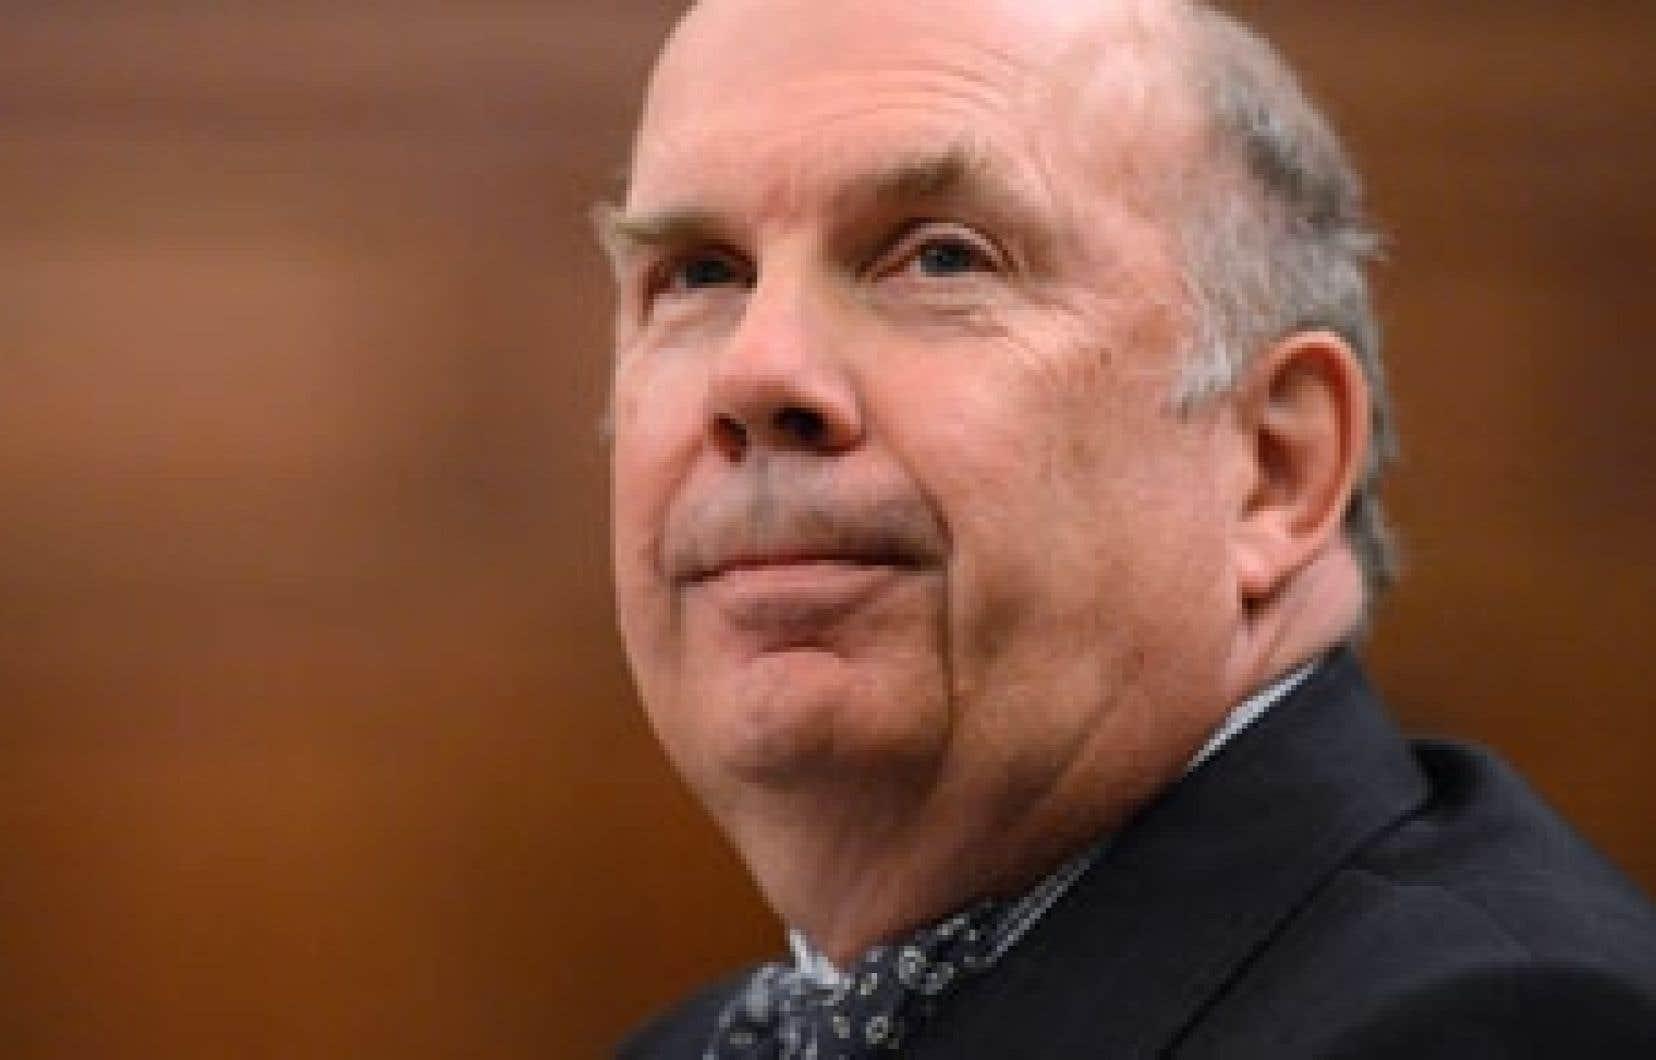 Ayant déjà dénoncé, par le biais d'une motion unanime de l'Assemblée nationale, l'« unilatéralisme » de la nomination du juge Marc Nadon à la Cour suprême par Ottawa, Québec s'apprête maintenant à défendre sa position devant le plus haut tribunal du pays la semaine prochaine.